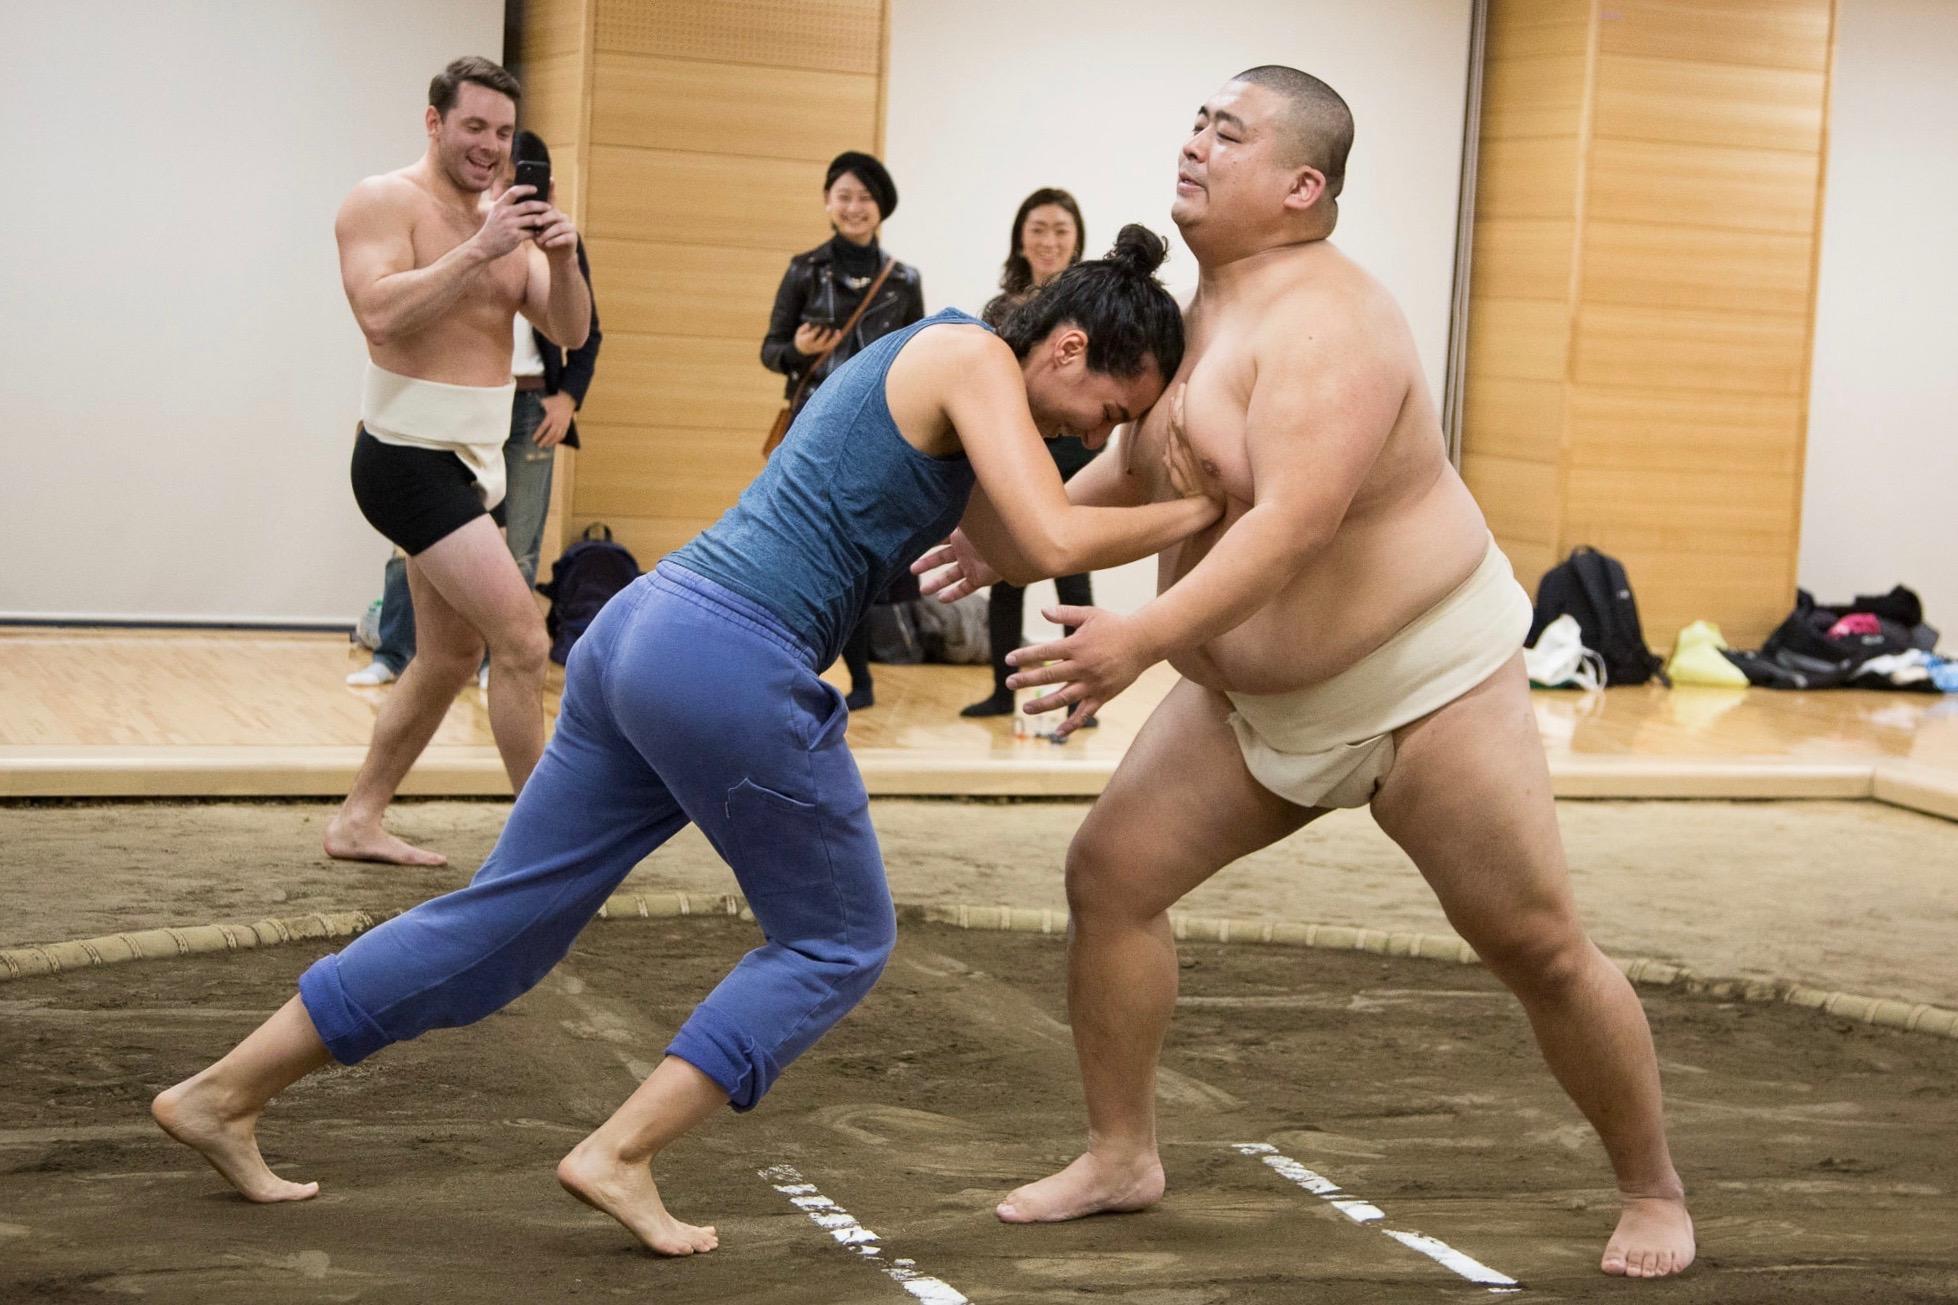 東京/三鷹/相撲】元大相撲力士と土俵で相撲トレーニングの見学 THE ...